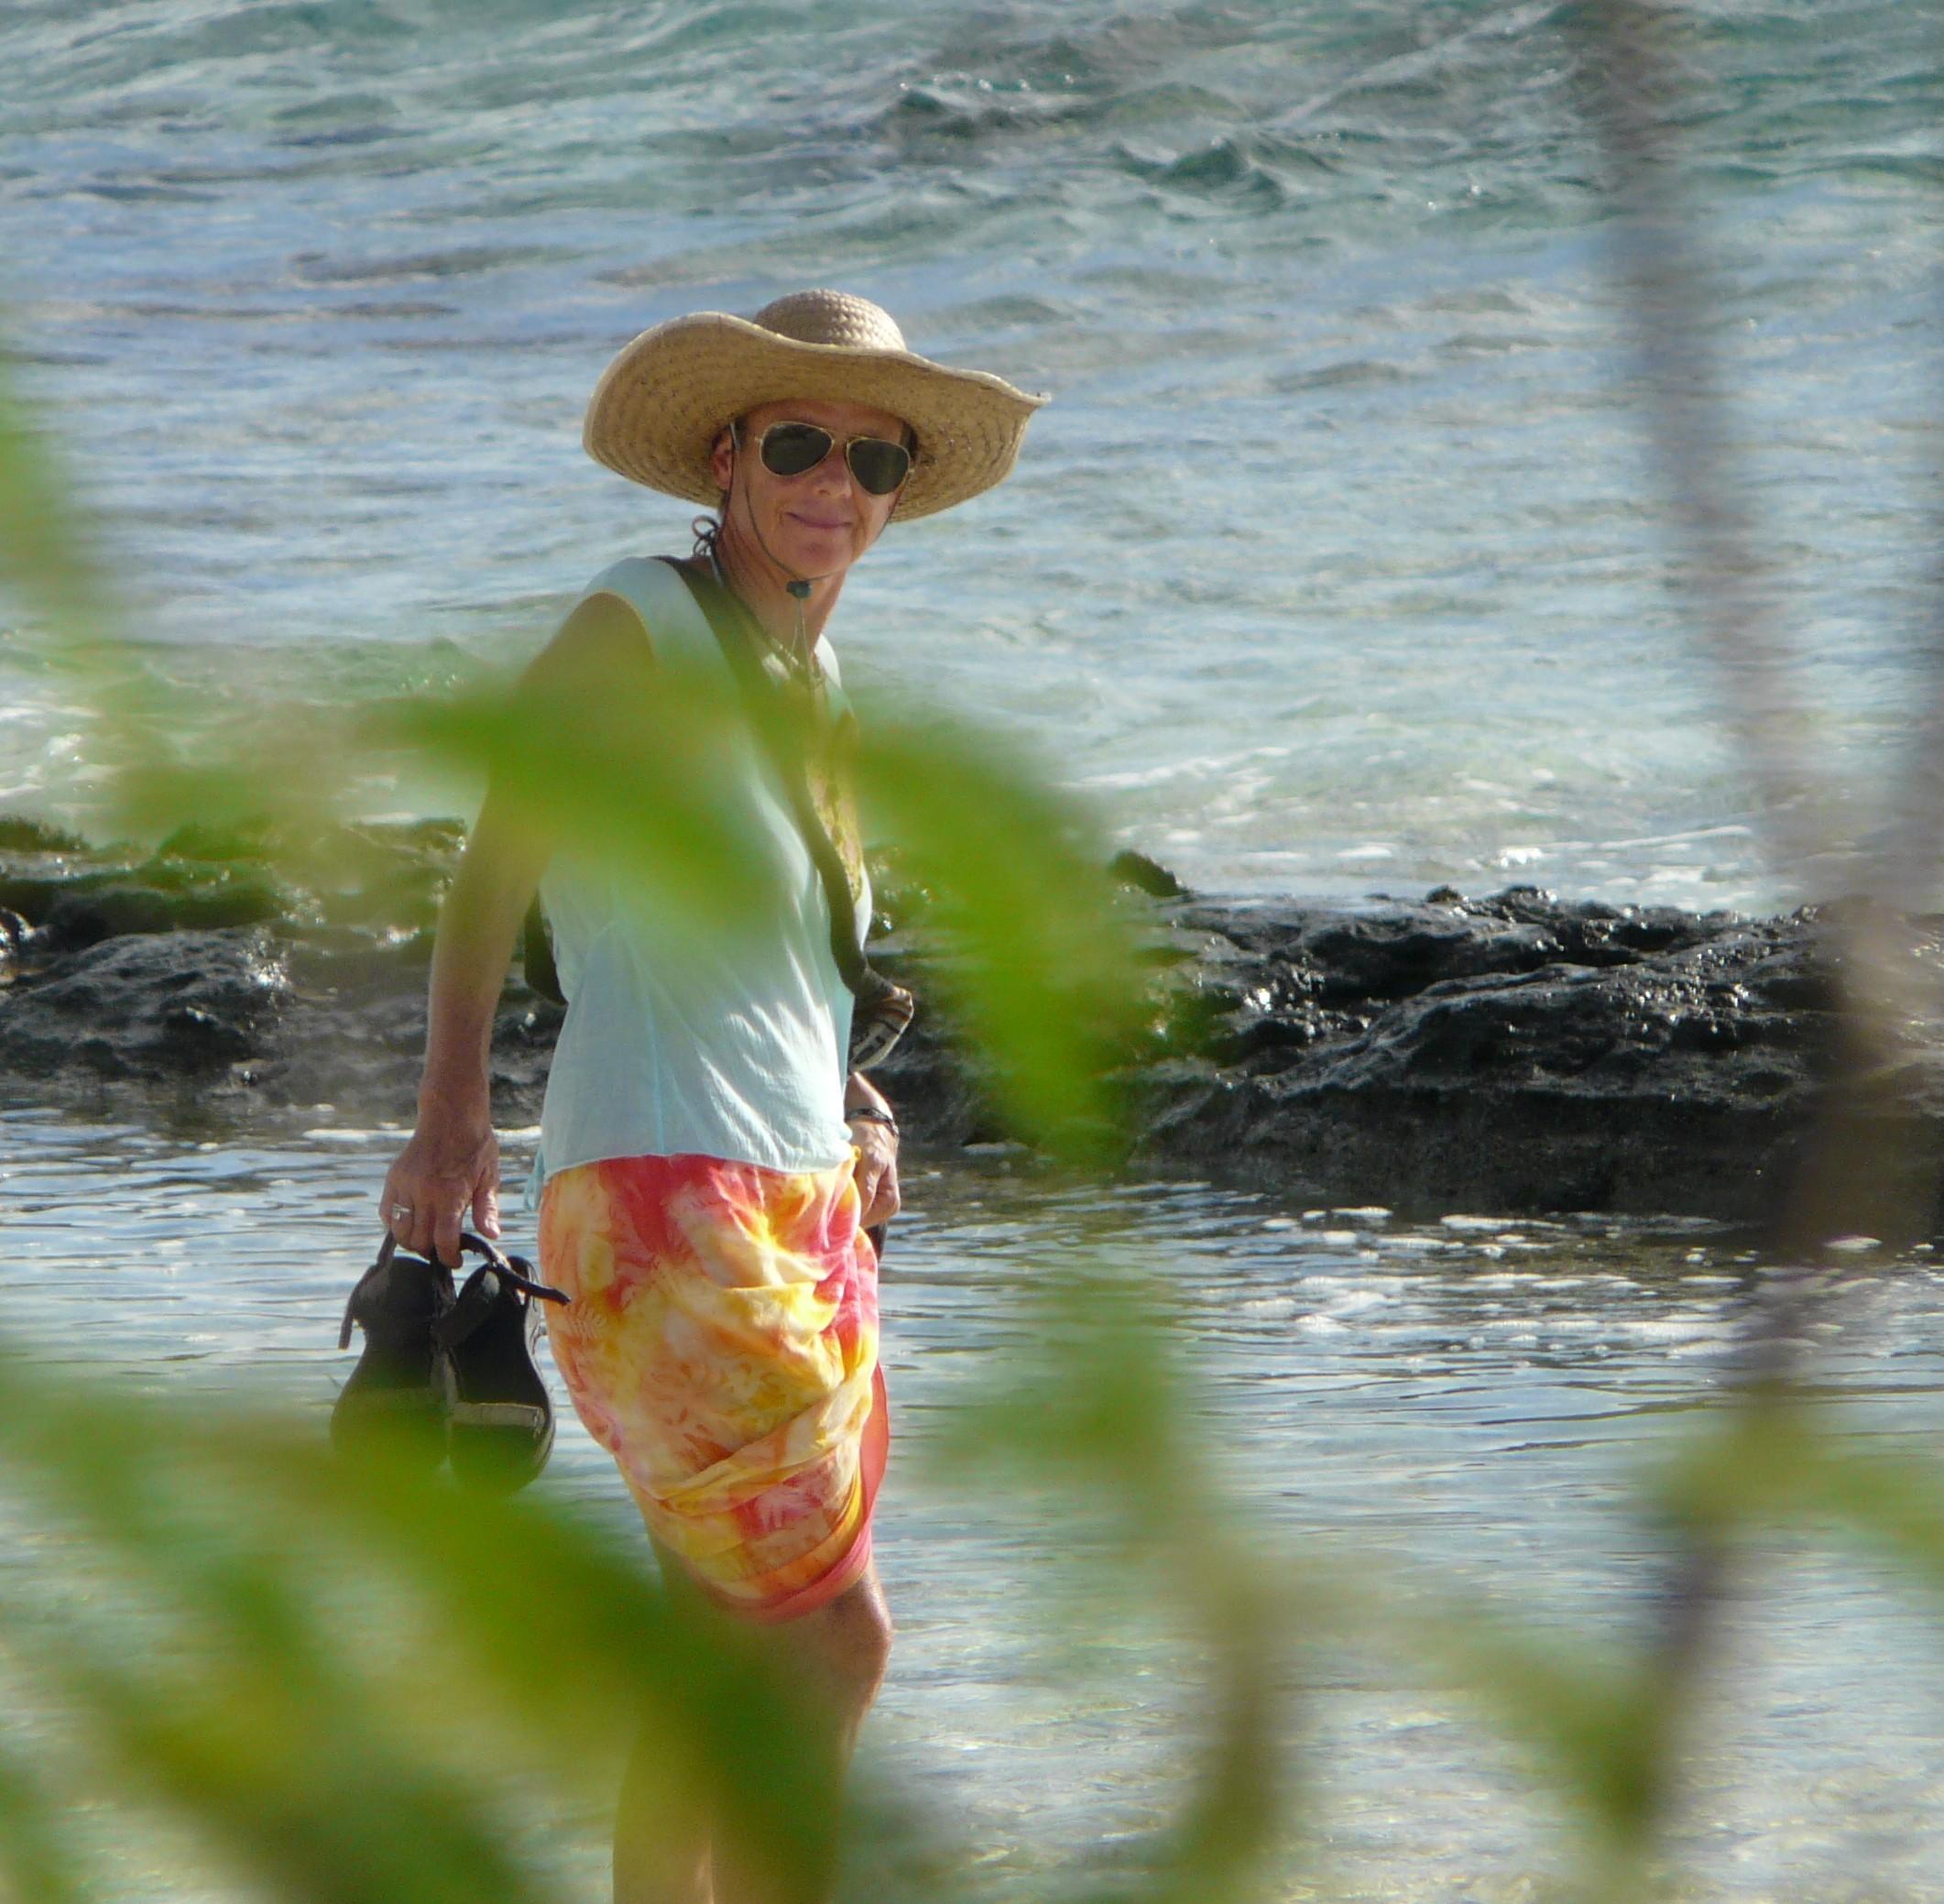 La globe-trotter s'inspire de ses voyages et de ses rencontres pour écrire des romans.